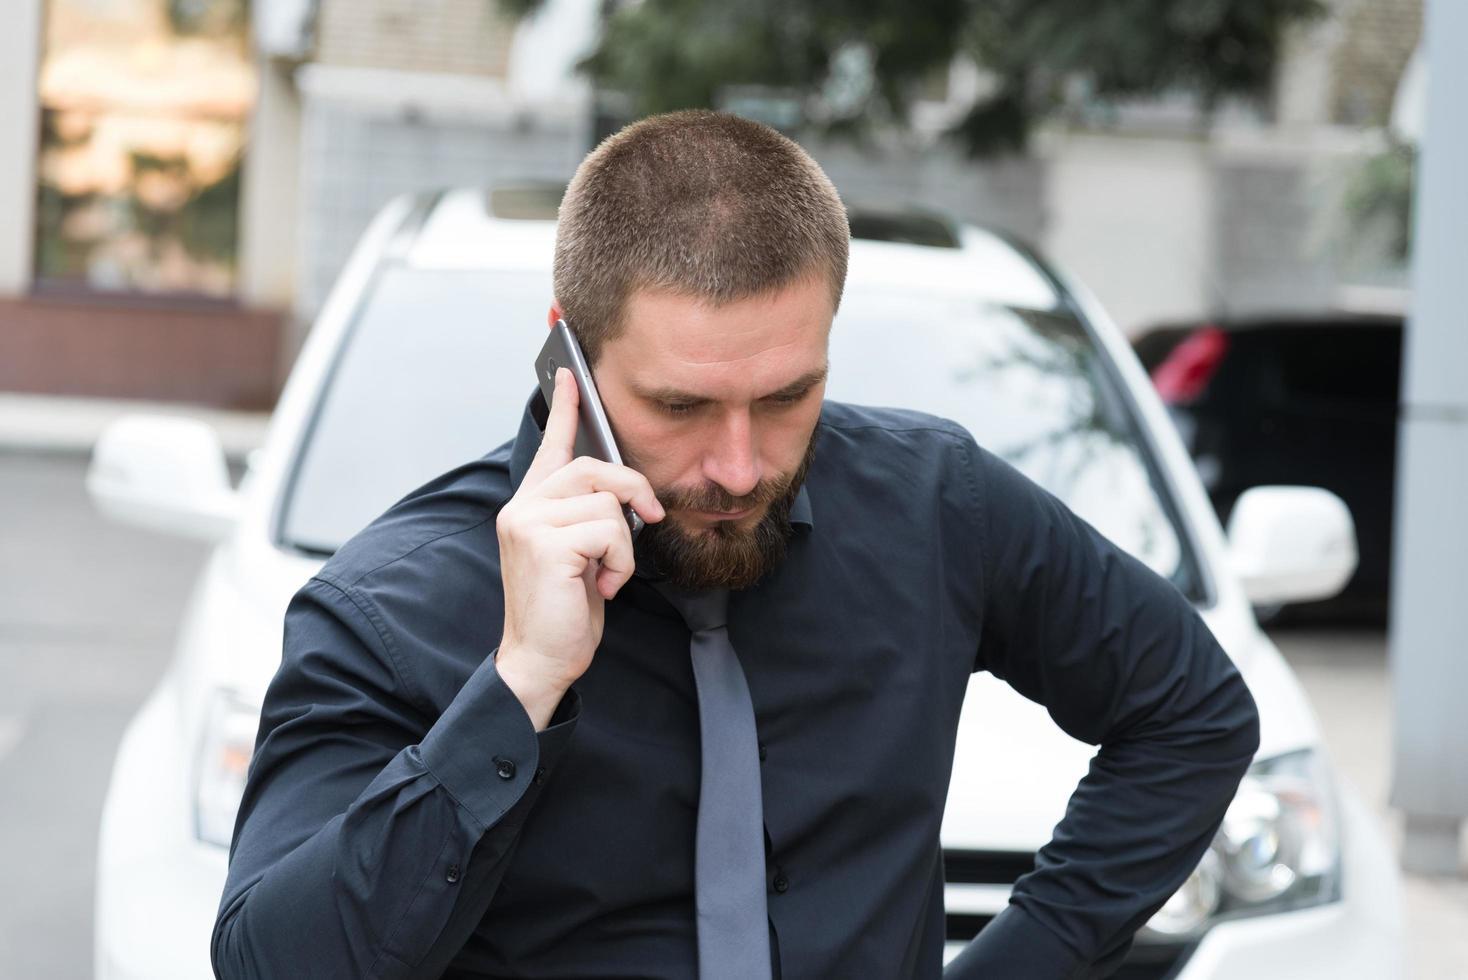 Mann telefoniert in der Nähe eines Autos foto